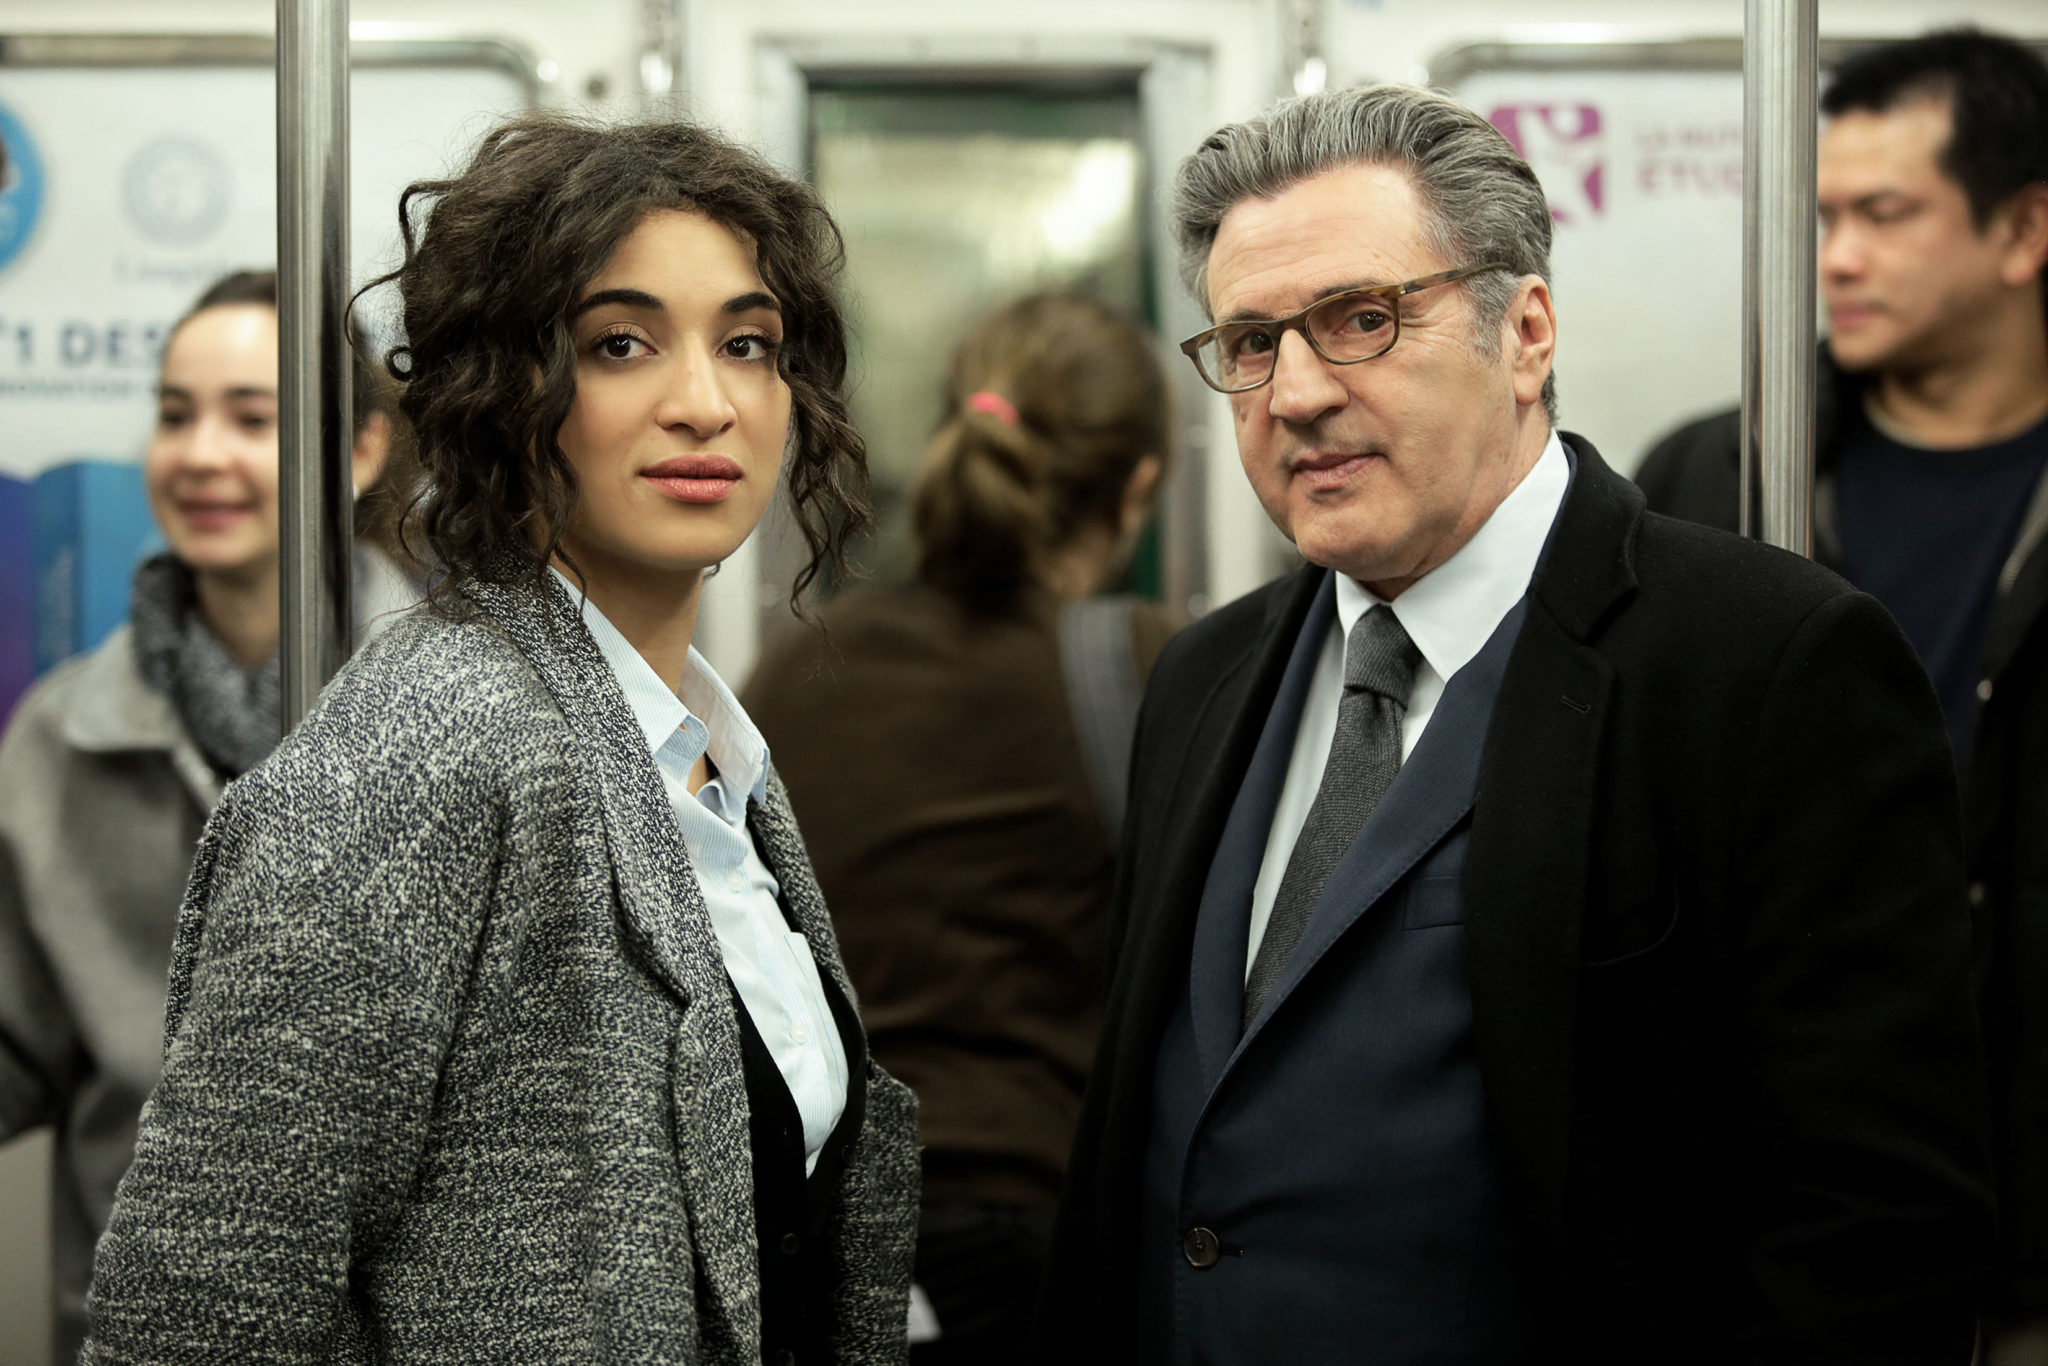 LE BRIO d'Yvan Attal image film Camélia Jordana, Daniel Auteuil